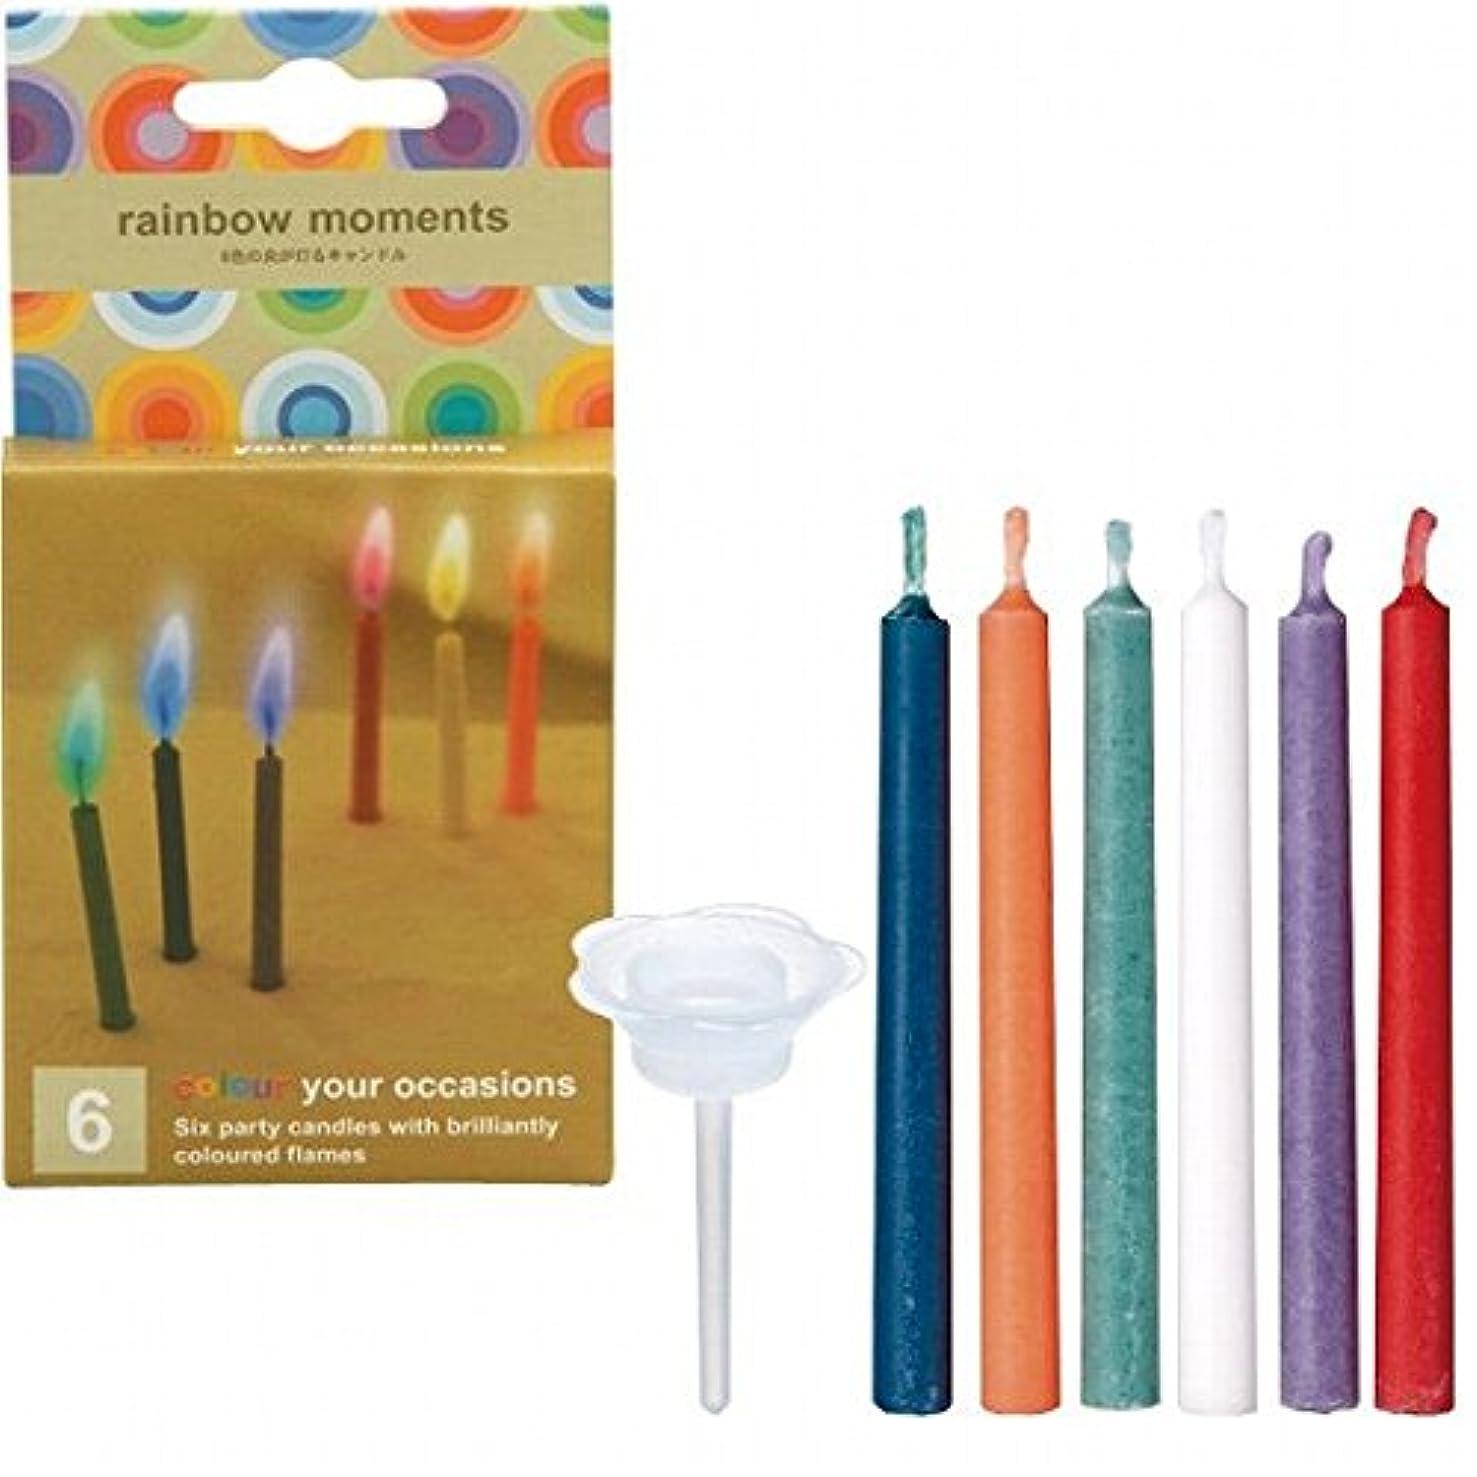 キャッシュ不承認宿題カメヤマキャンドル( kameyama candle ) rainbowmoments(レインボーモーメント)6色6本入り 「 6本入り 」 キャンドル